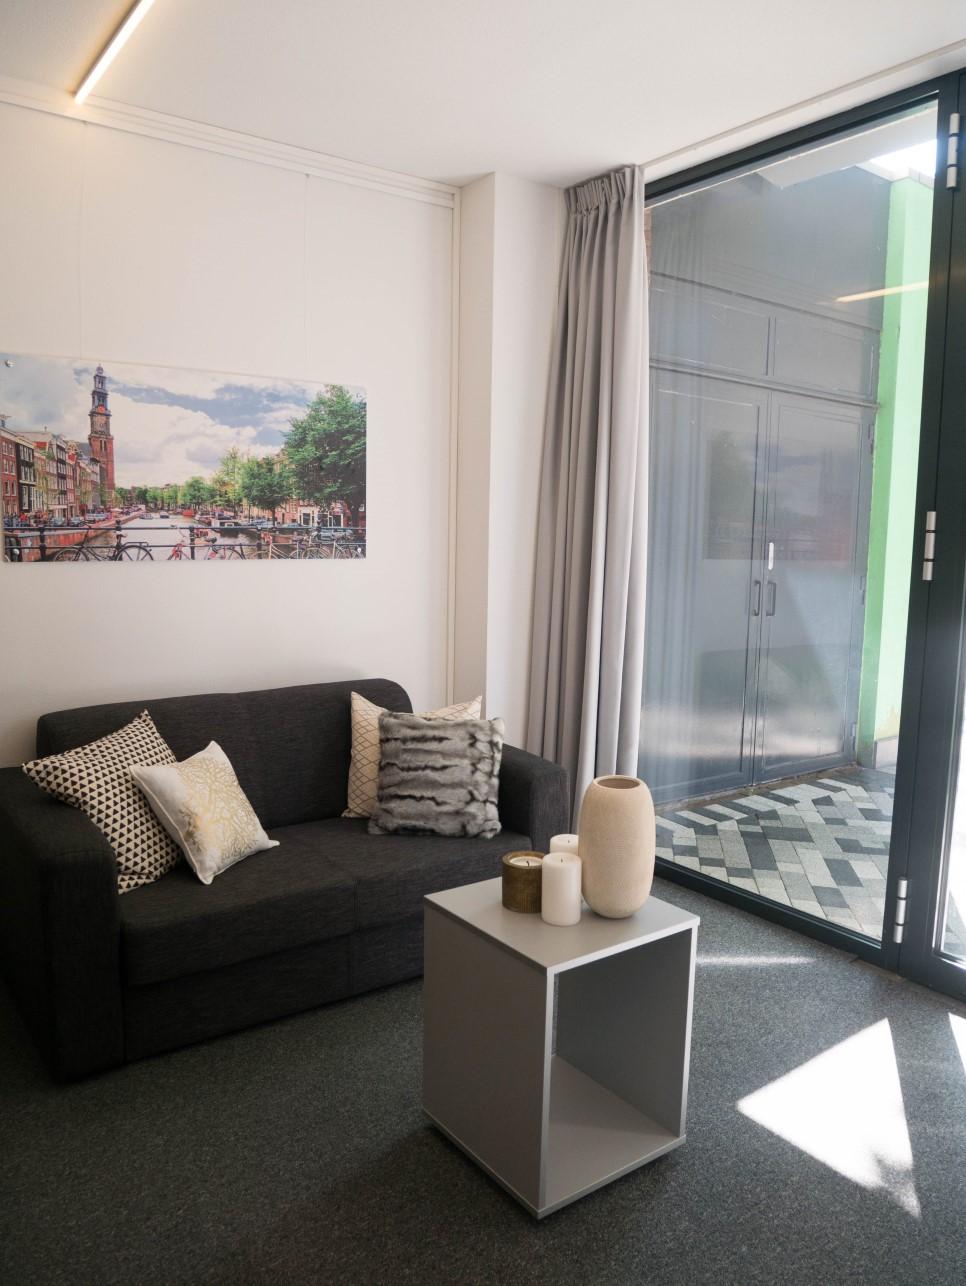 [암스테르담] Diemen Campus 학생 호텔 렌트, 월 782유로, 2018년 1월 중 입주가능